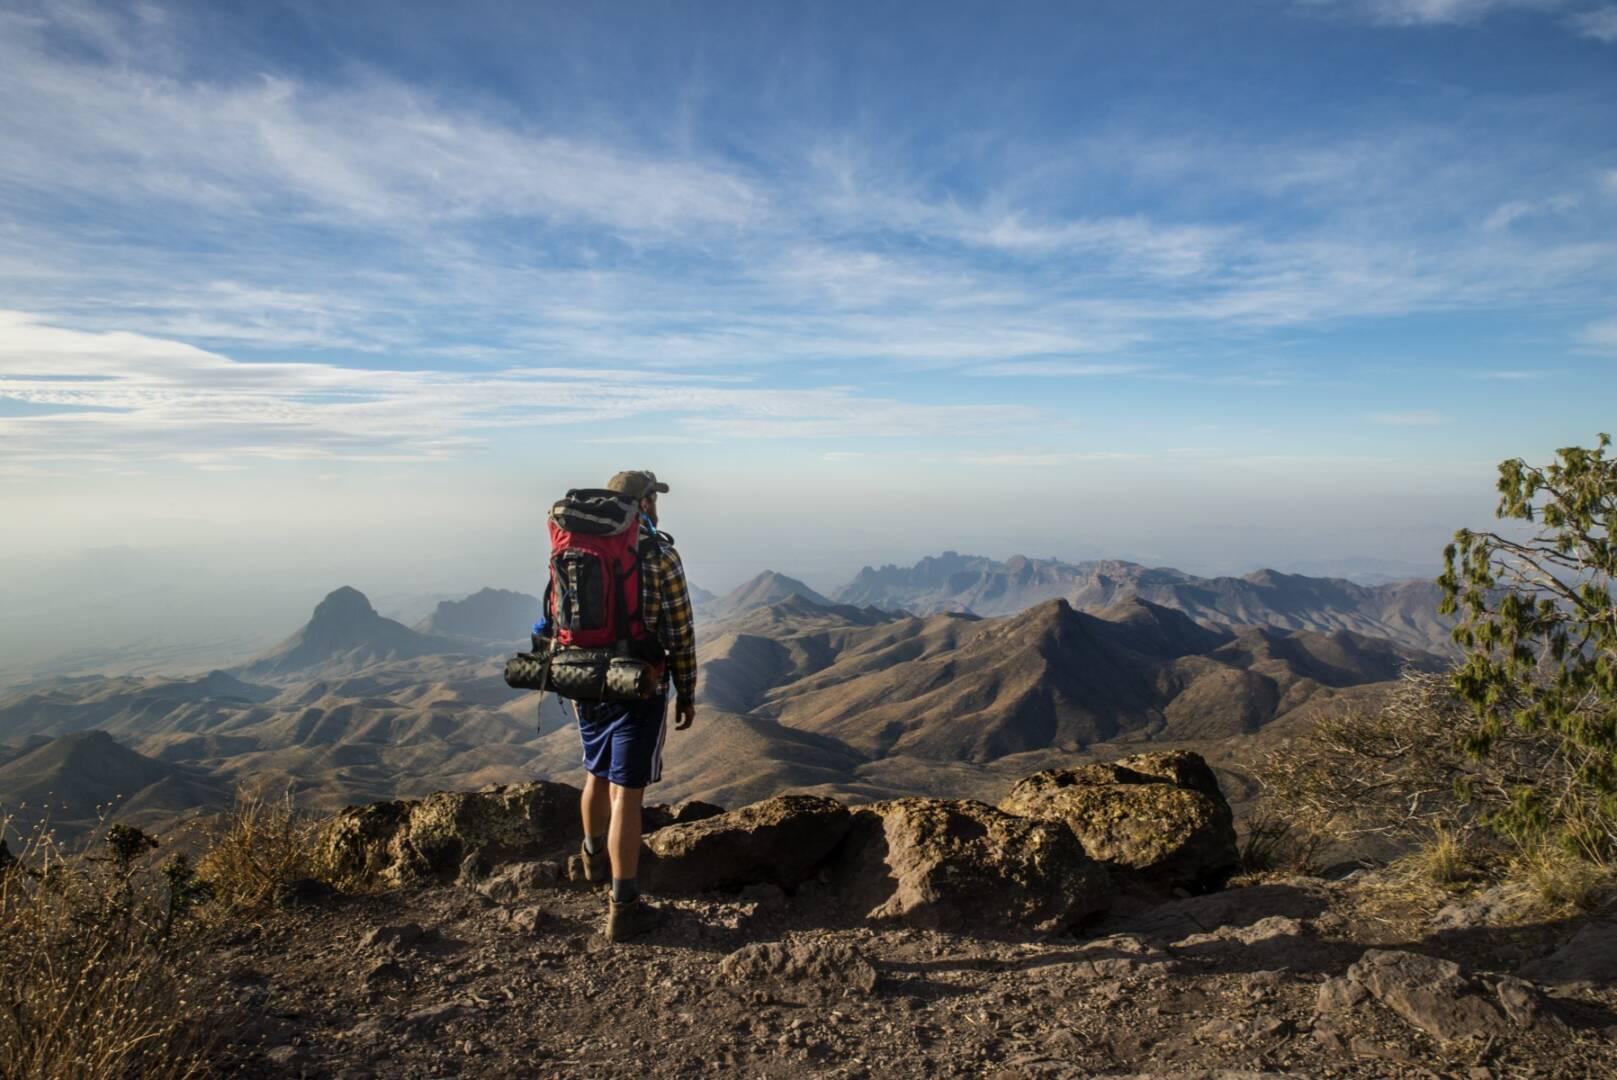 Animarse a la aventura de viajar sin tecnología y sin un centavo